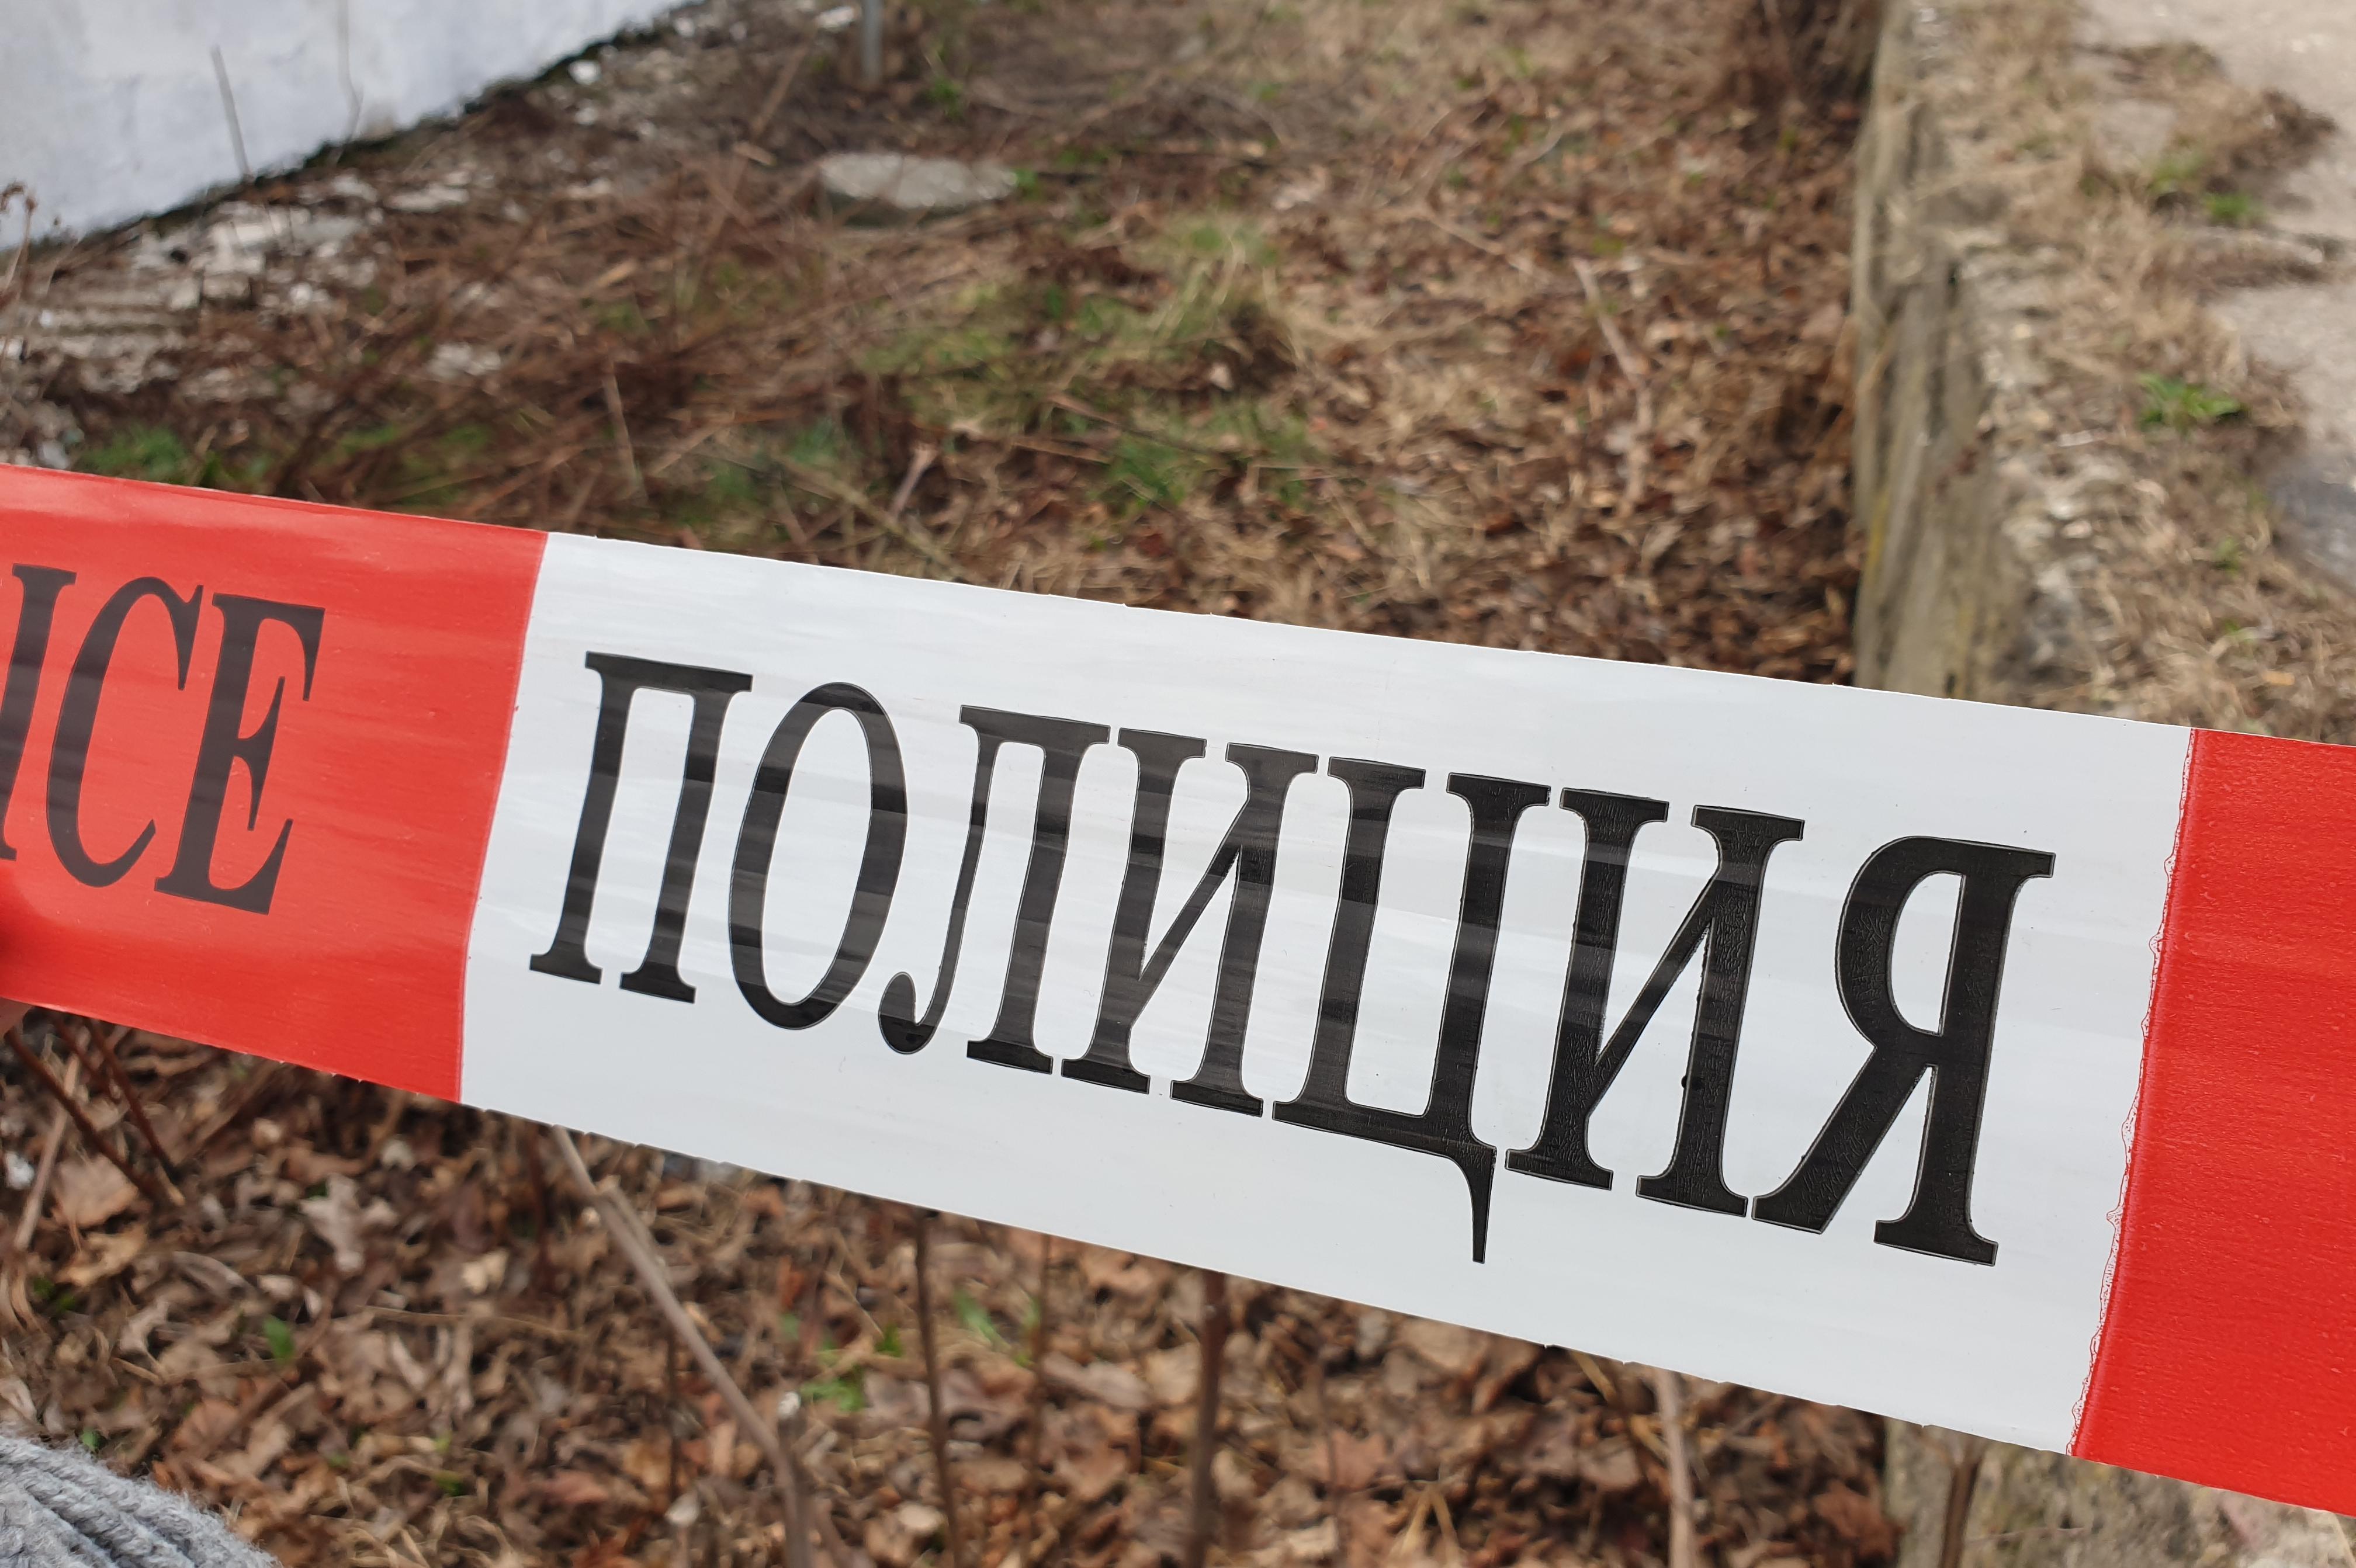 В София област: Двама нарушители на пътя попаднаха в ареста